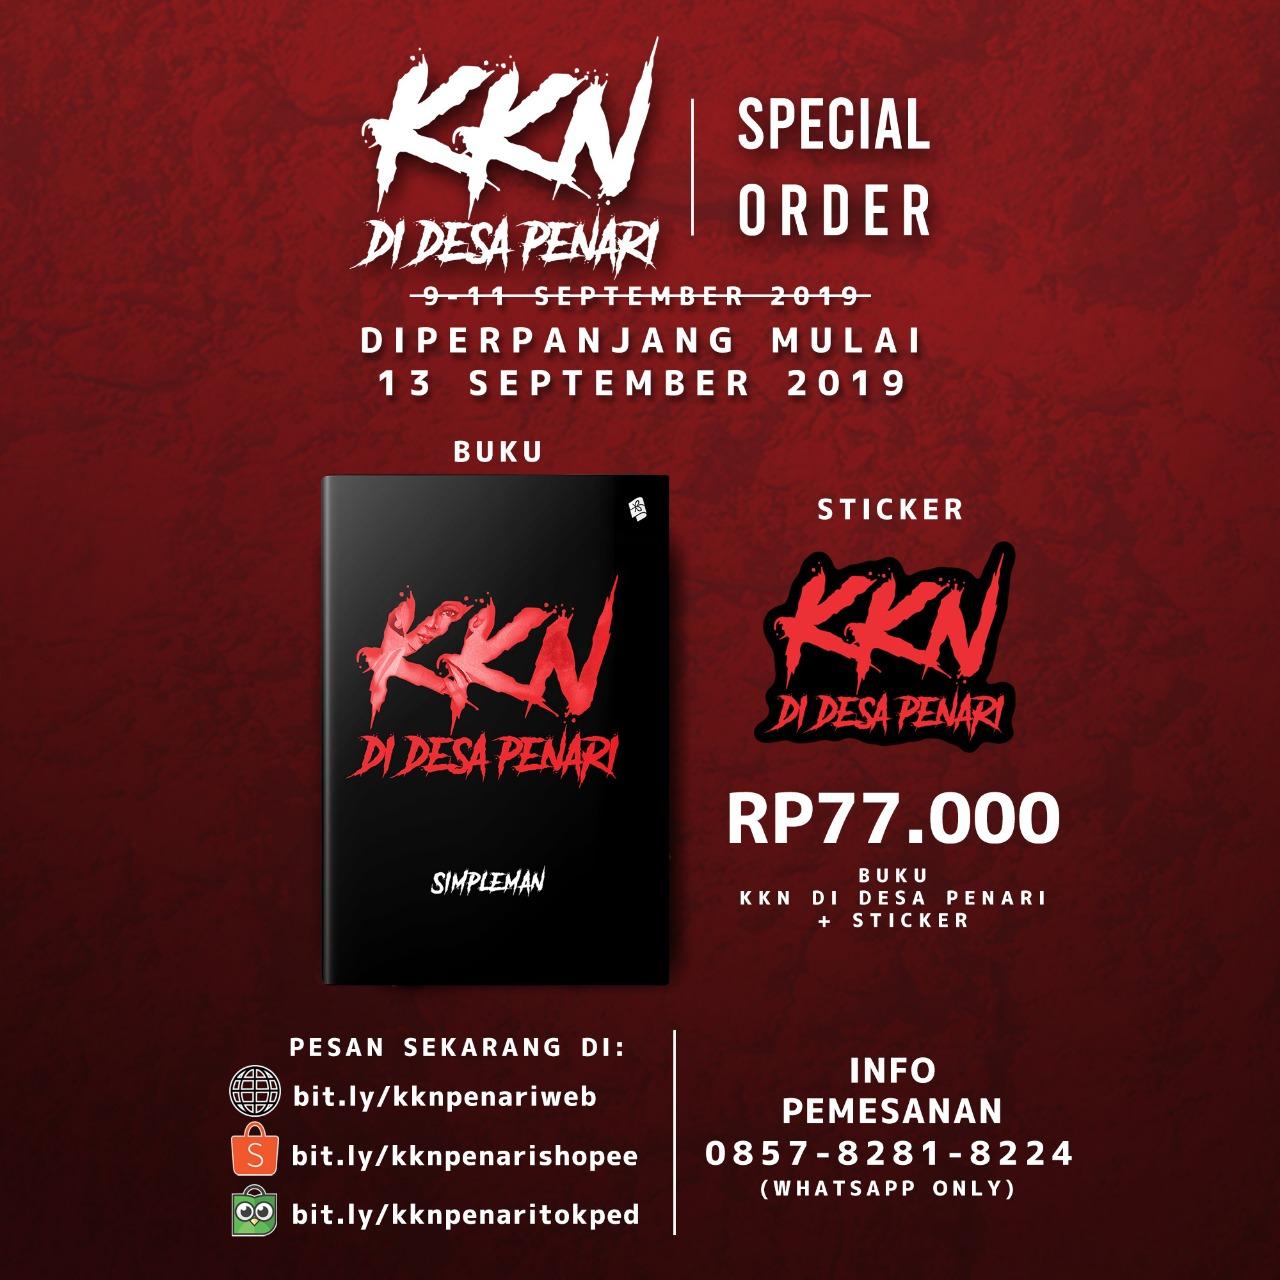 Special Order KKN Di Desa Penari